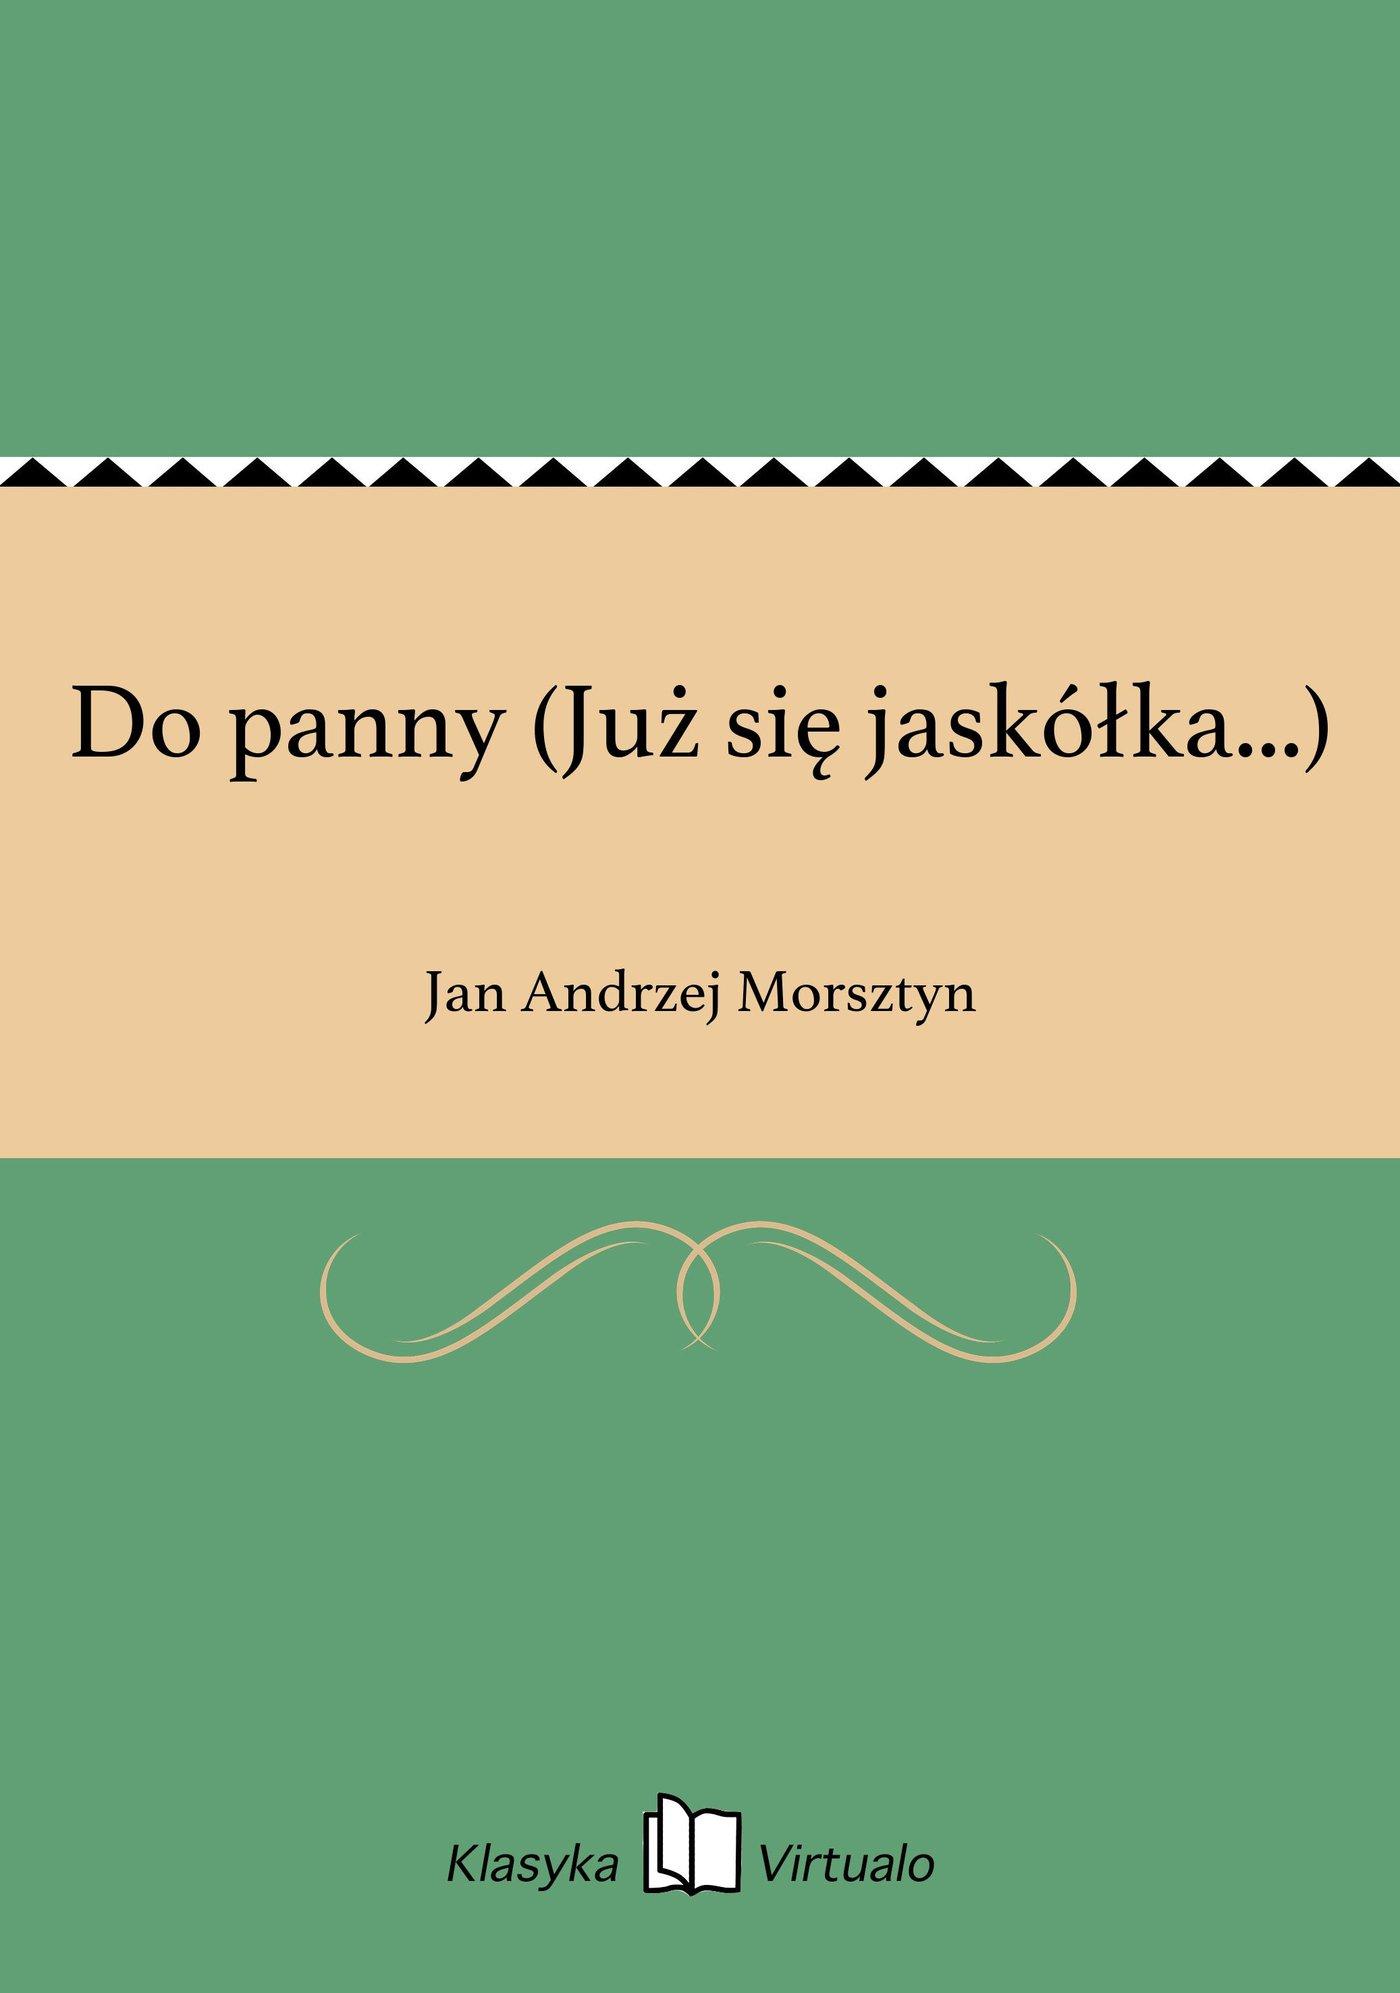 Do panny (Już się jaskółka...) - Ebook (Książka EPUB) do pobrania w formacie EPUB